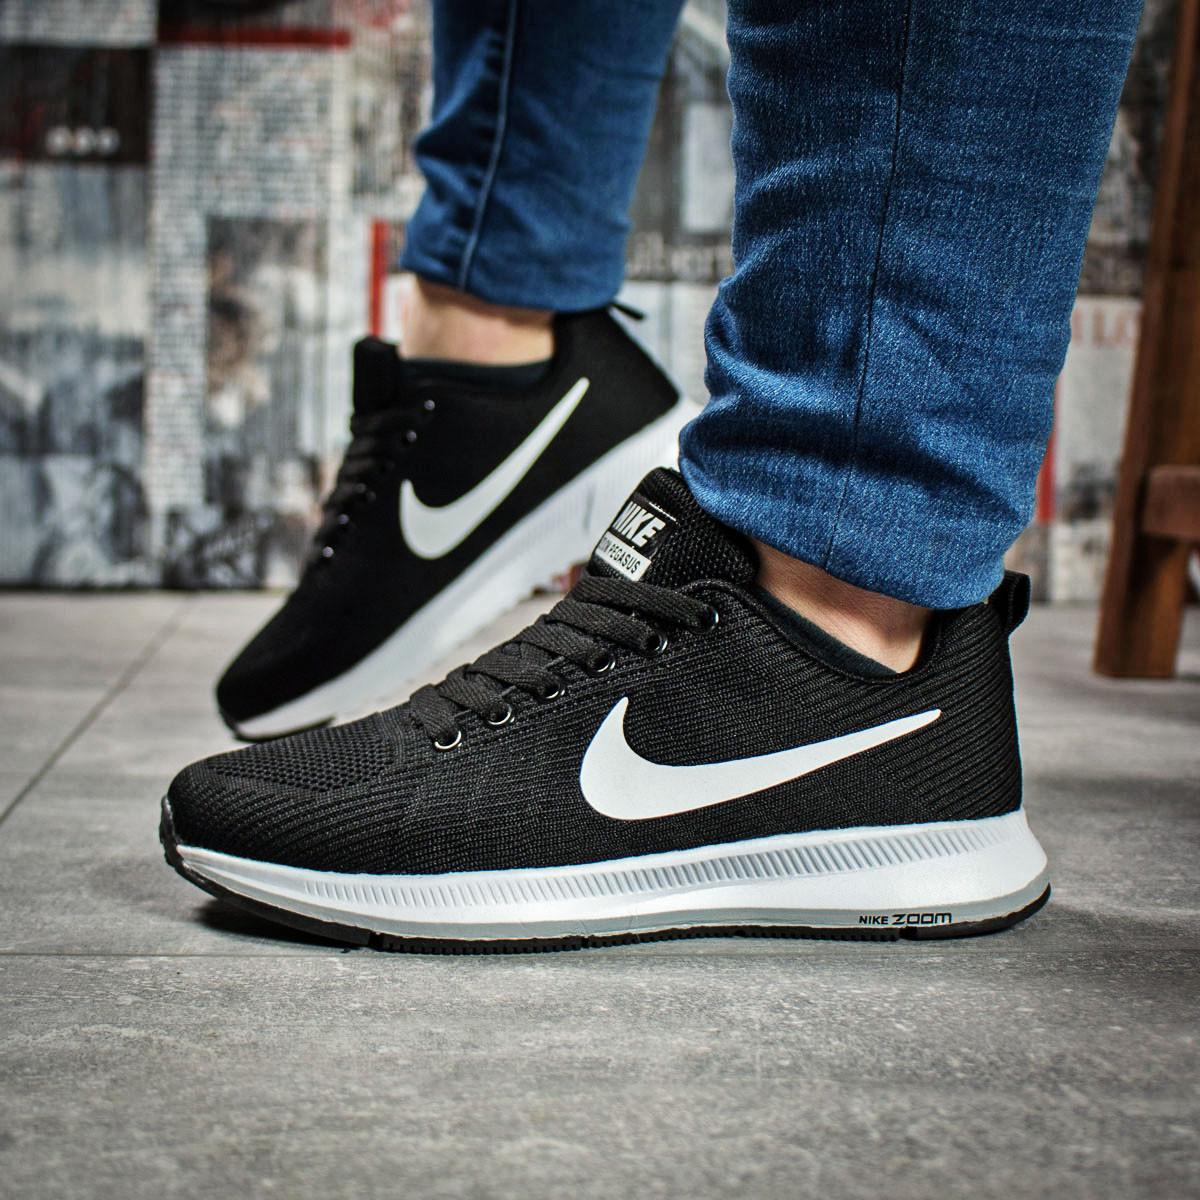 Кроссовки женские 16021, Nike Zoom Pegasus, черные, < 37 38 > р.37-23,5